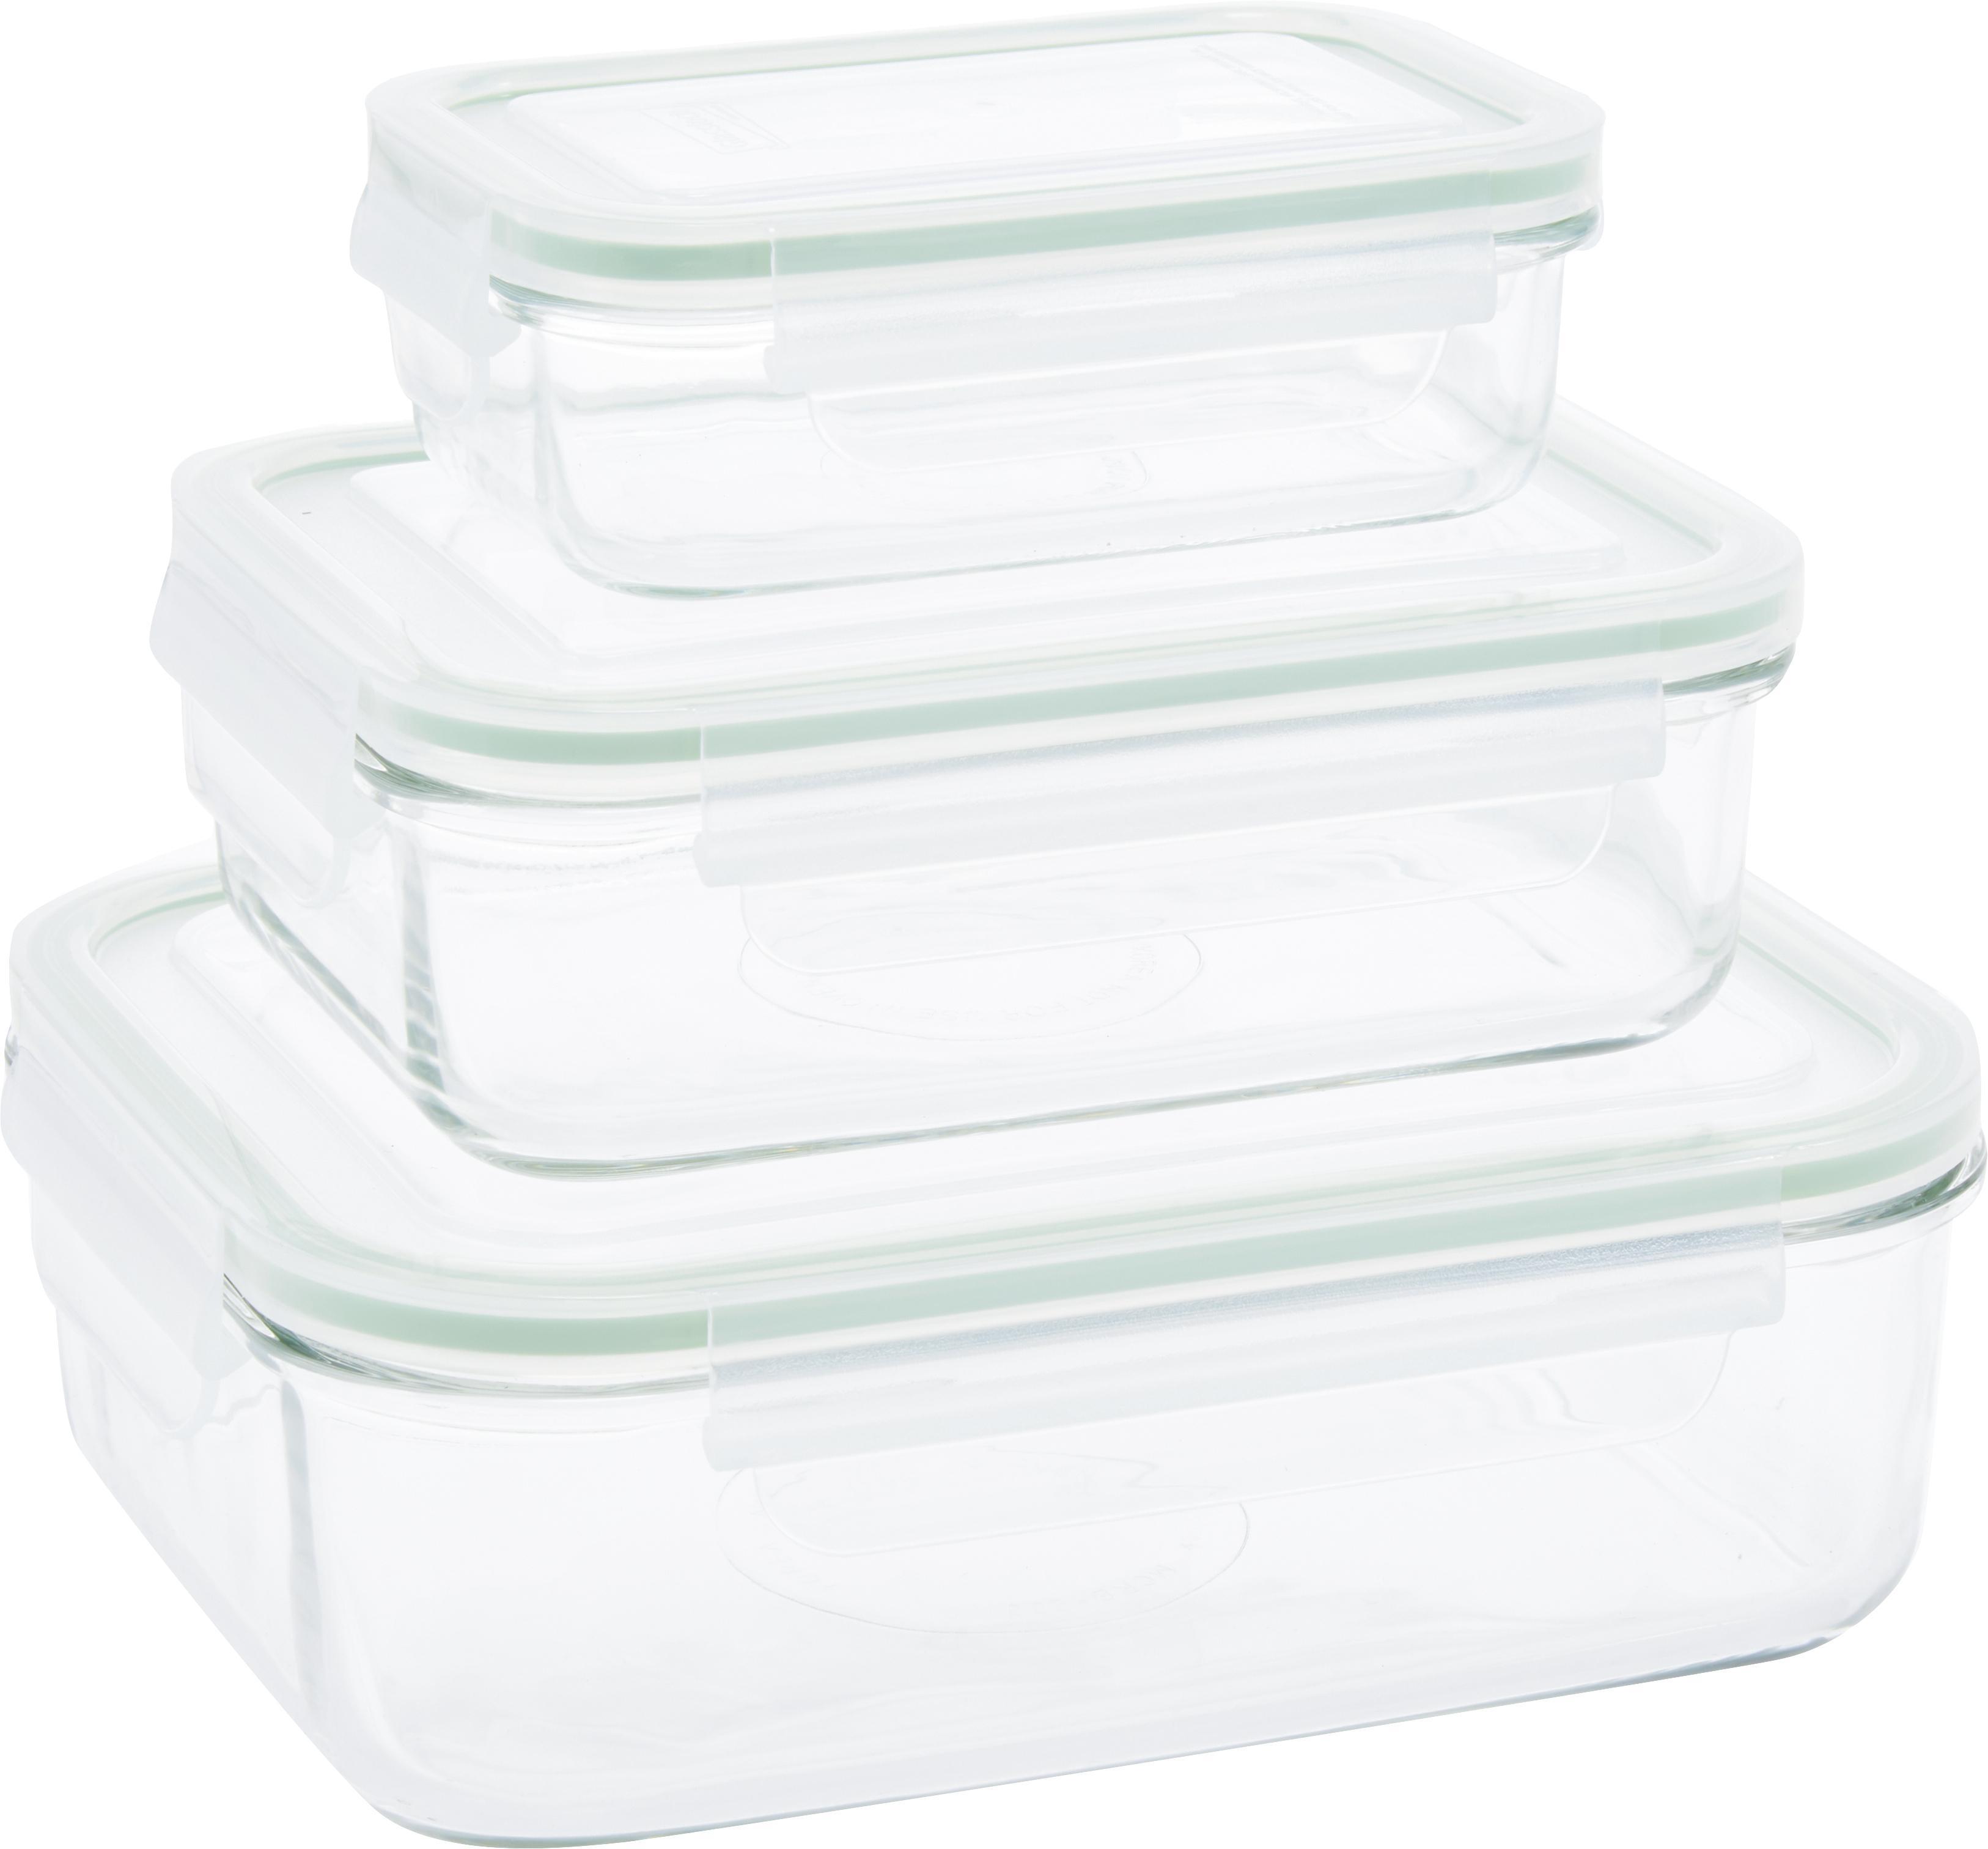 Frischhalteboxen-Set Alma, 3-tlg., Behälter: Gehärtetes Glas, schadsto, Verschluss: Polypropylen, Dichtung: Silikon, Transparent, Hellgrün, Verschiedene Grössen